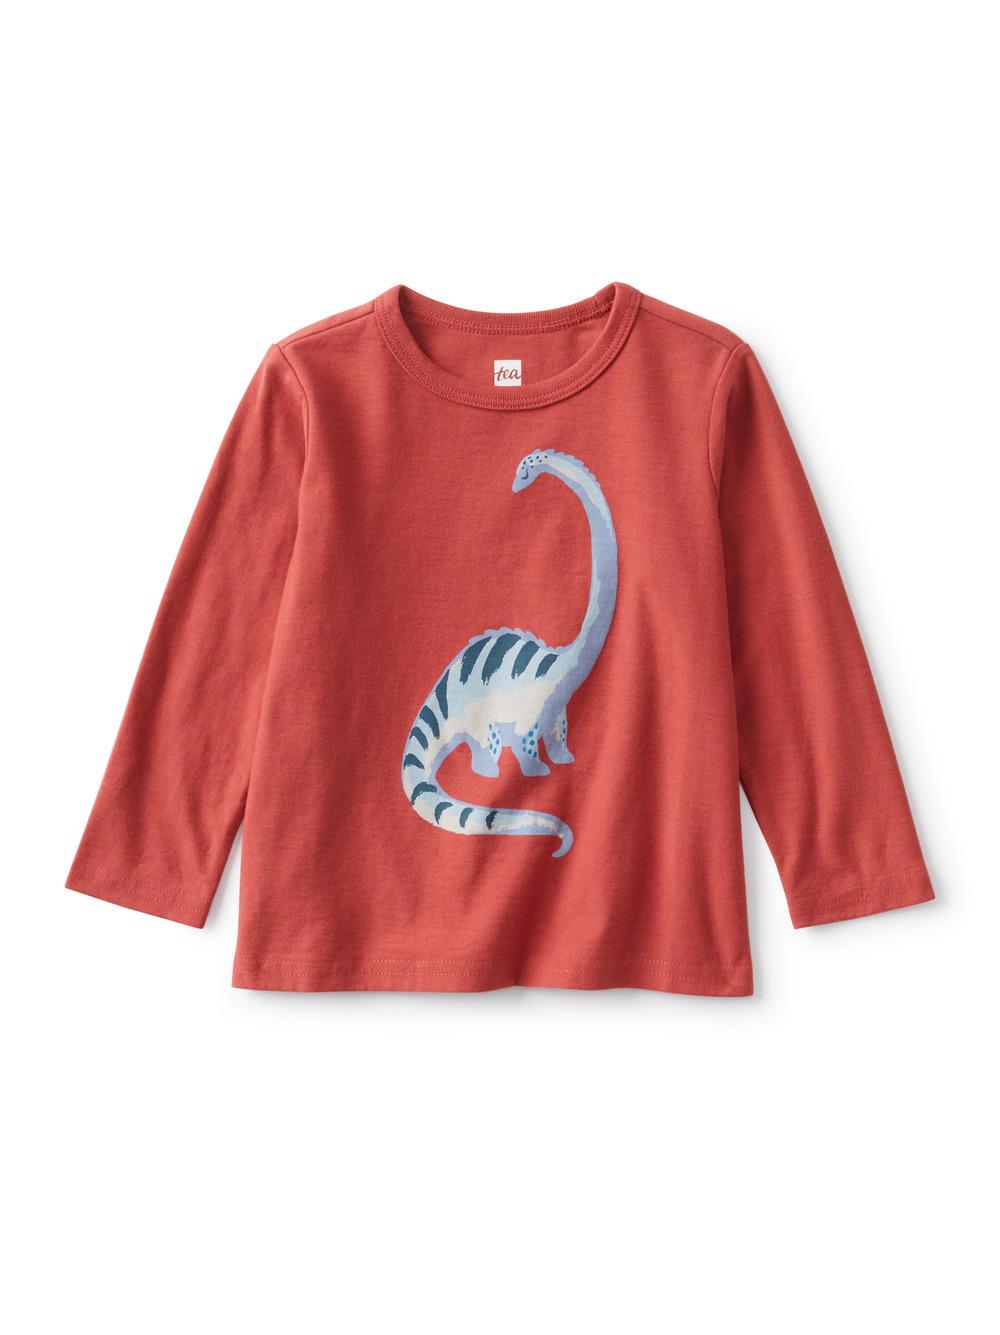 Daring Dino Baby Graphic Tee